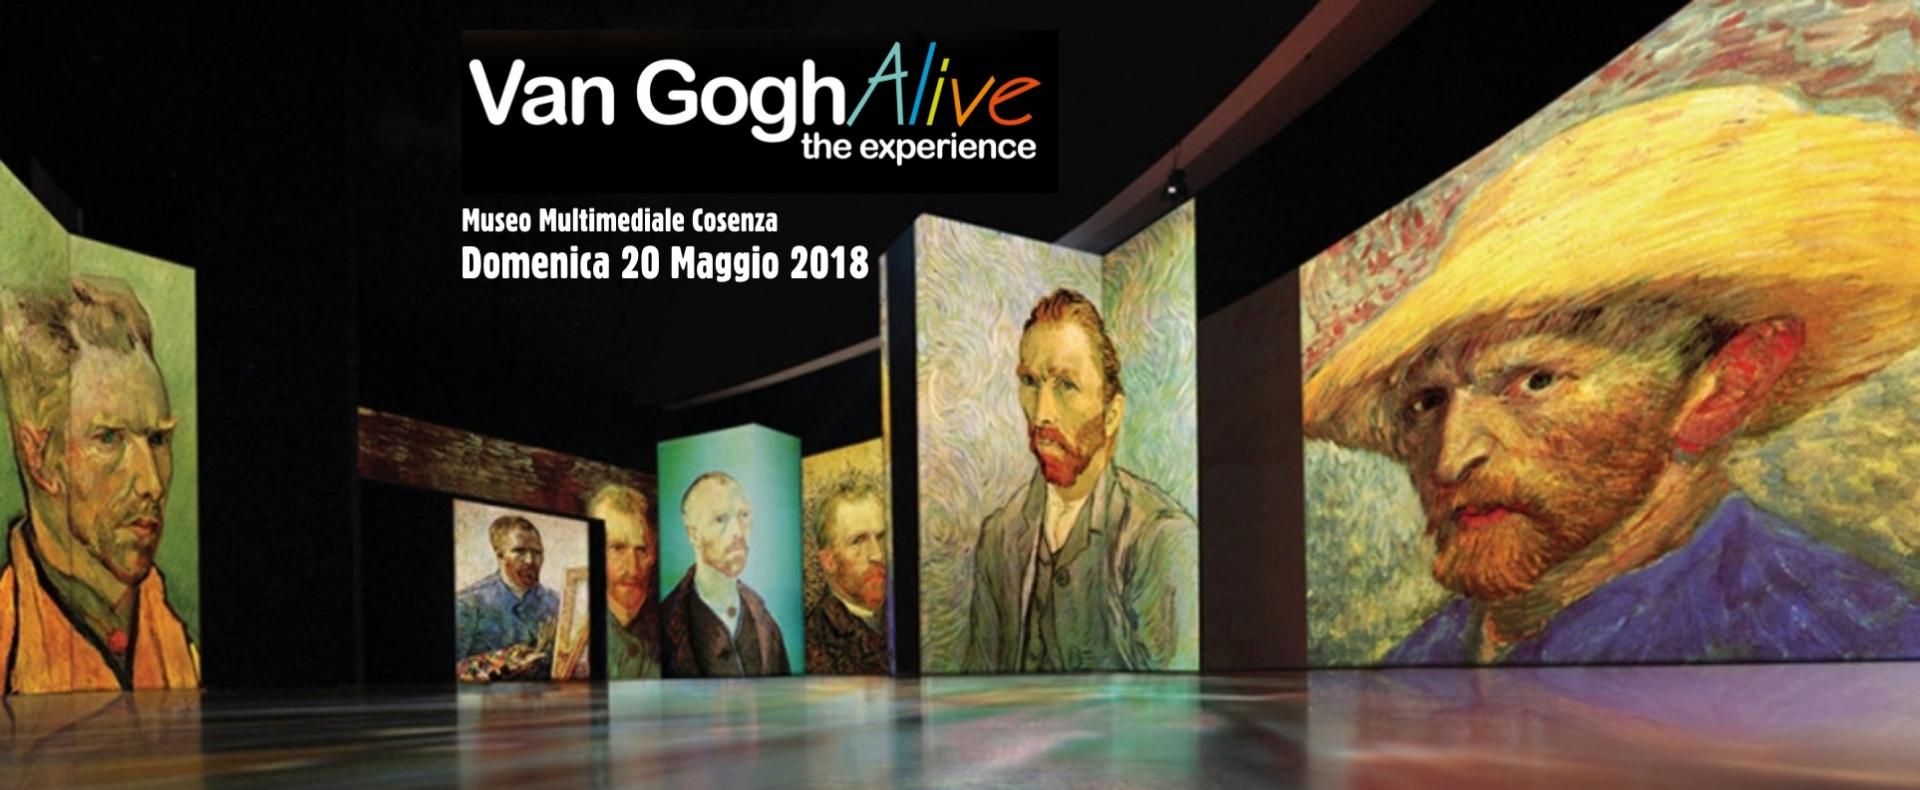 """Scopri """"Van Gogh Alive - The Experience"""" il 20 maggio a Cosenza!"""